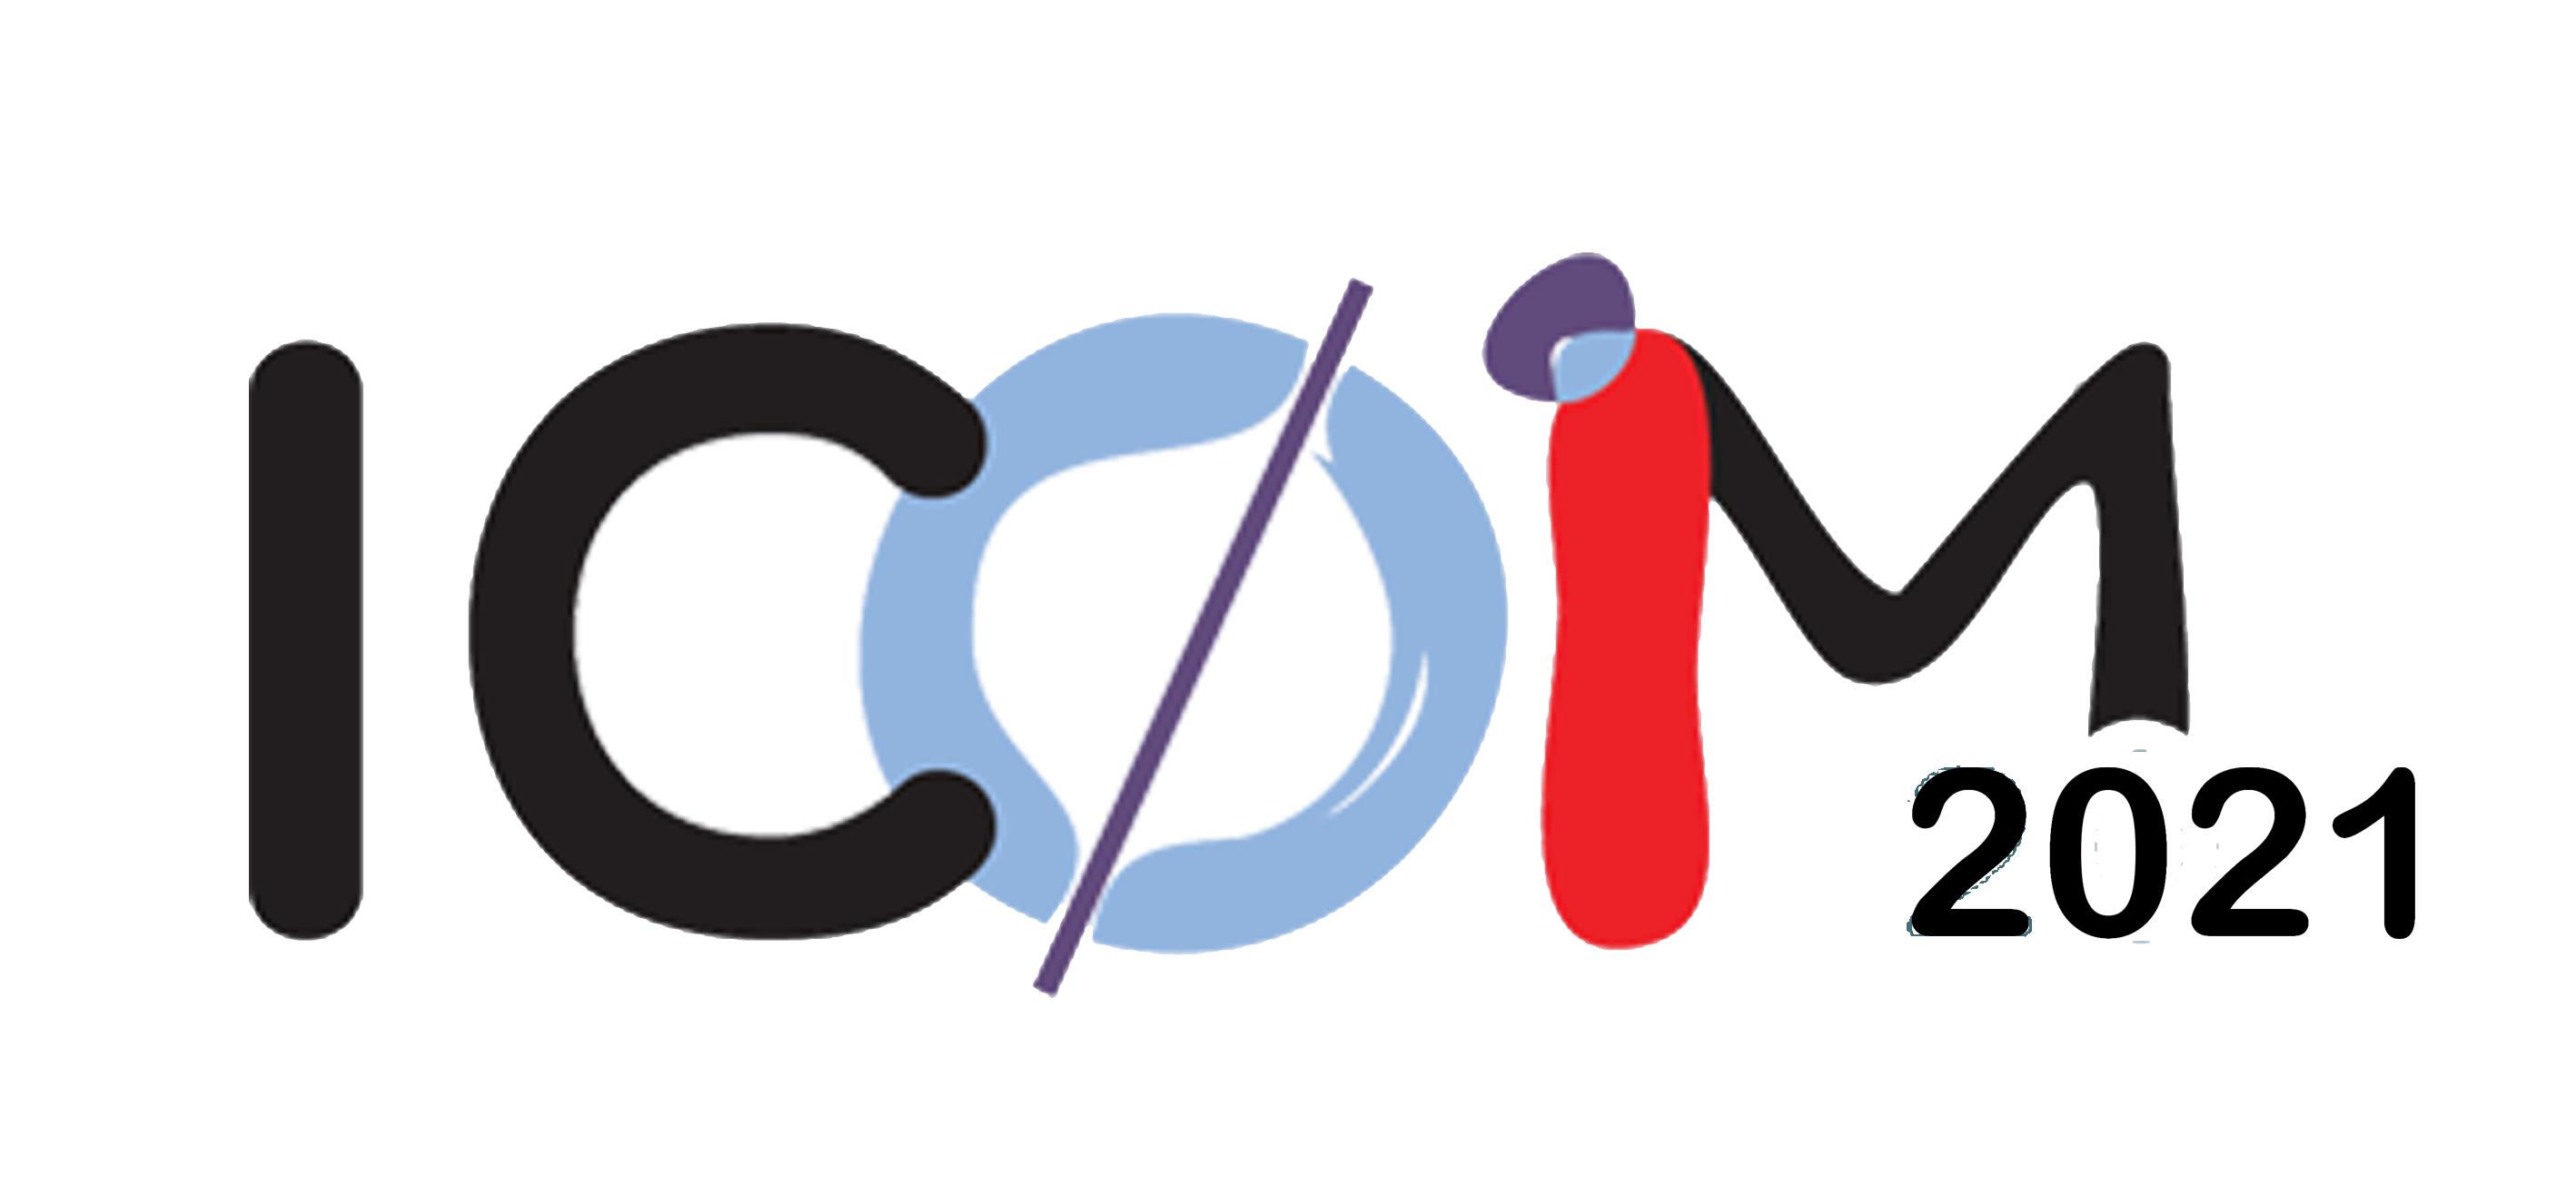 ICOMOI2021 logo